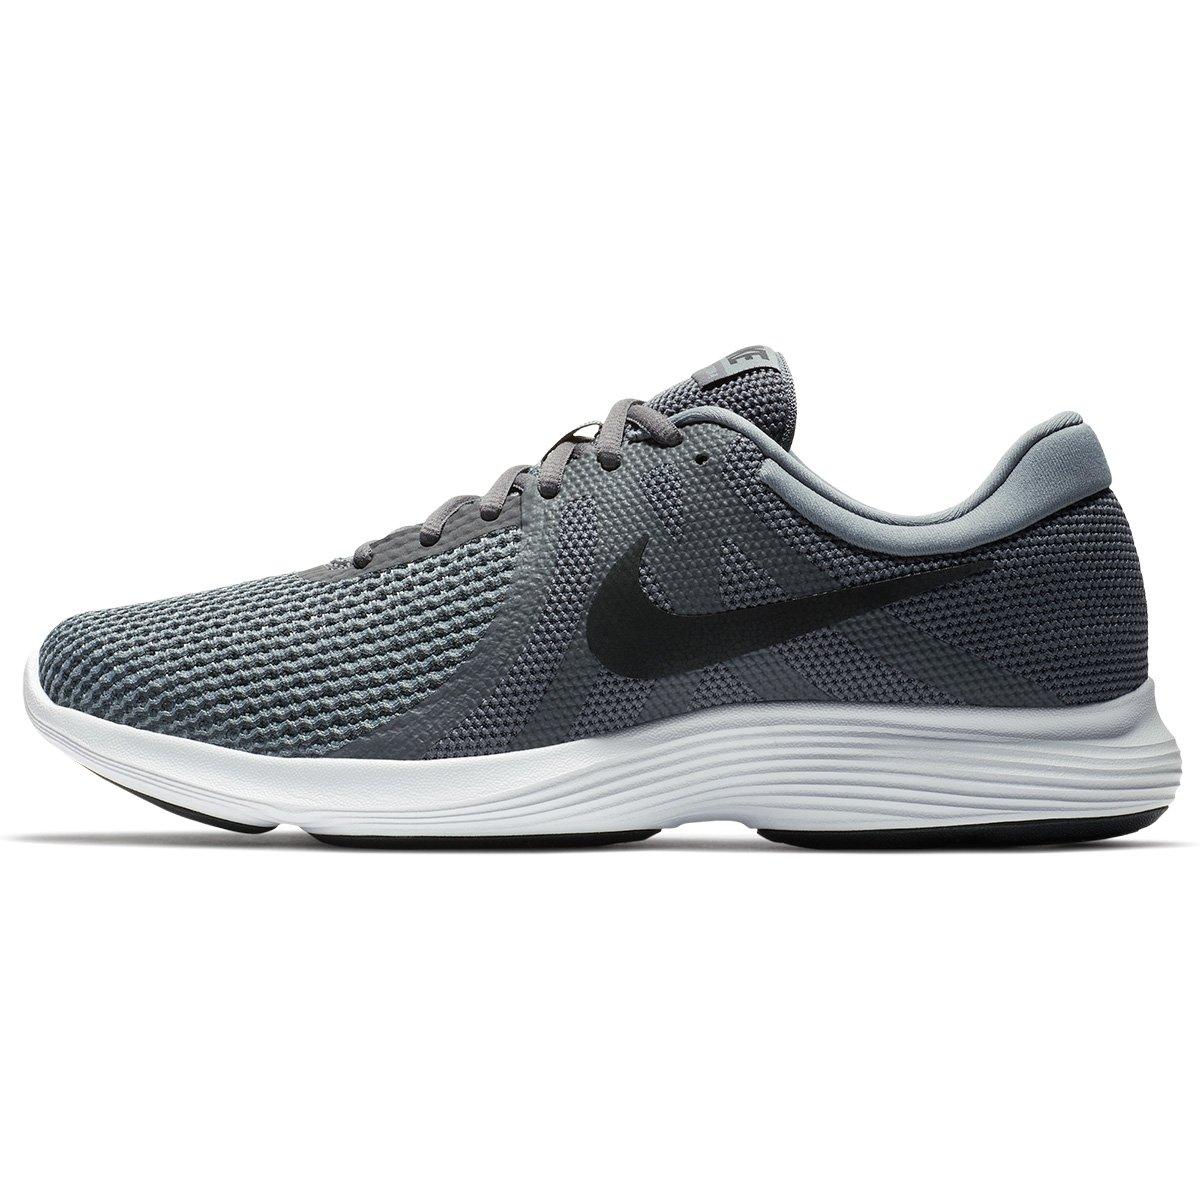 Tênis Nike Revolution 4 Masculino - Cinza e Branco - Compre Agora ... 9ac9edbc16e2d